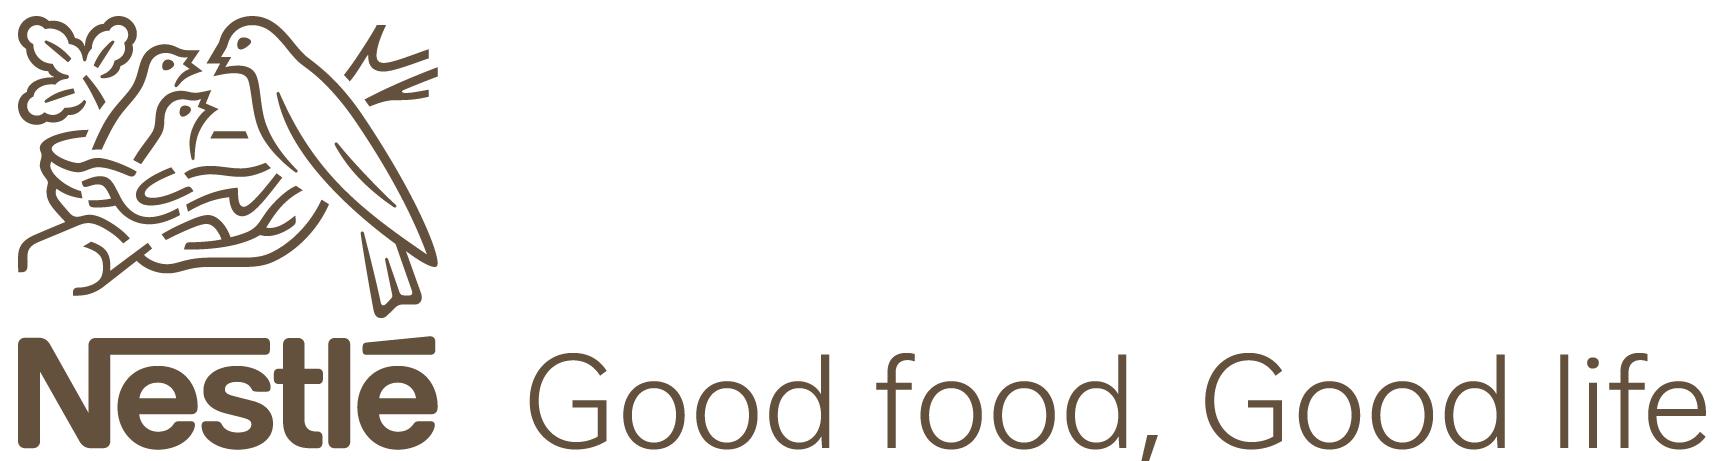 food scheme 2020 diamond Nestle